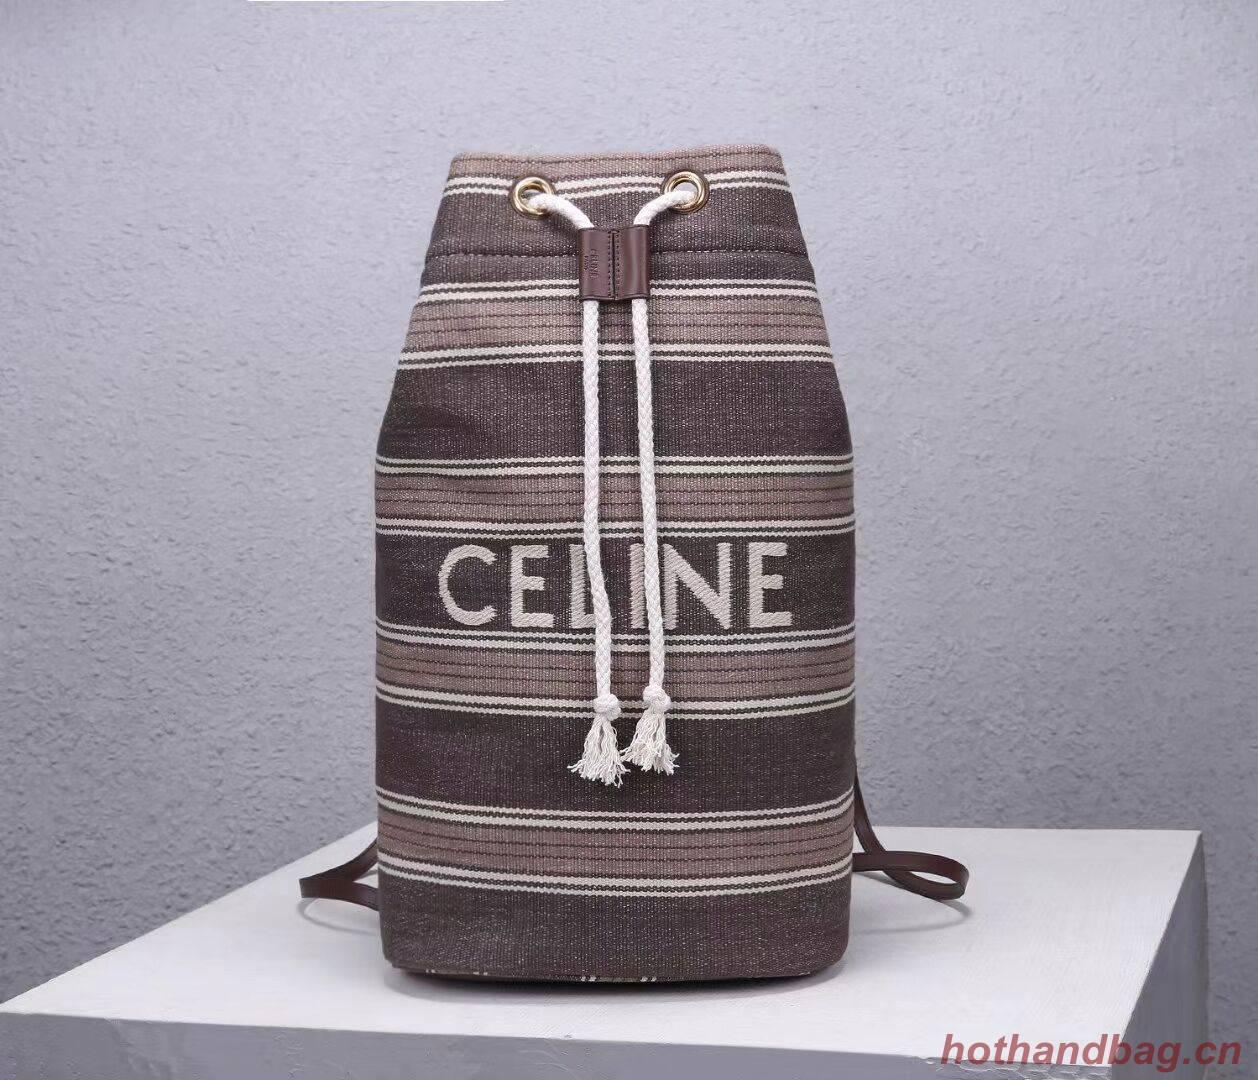 CELINE Canvas Shoulder Bag CL92173 Gray